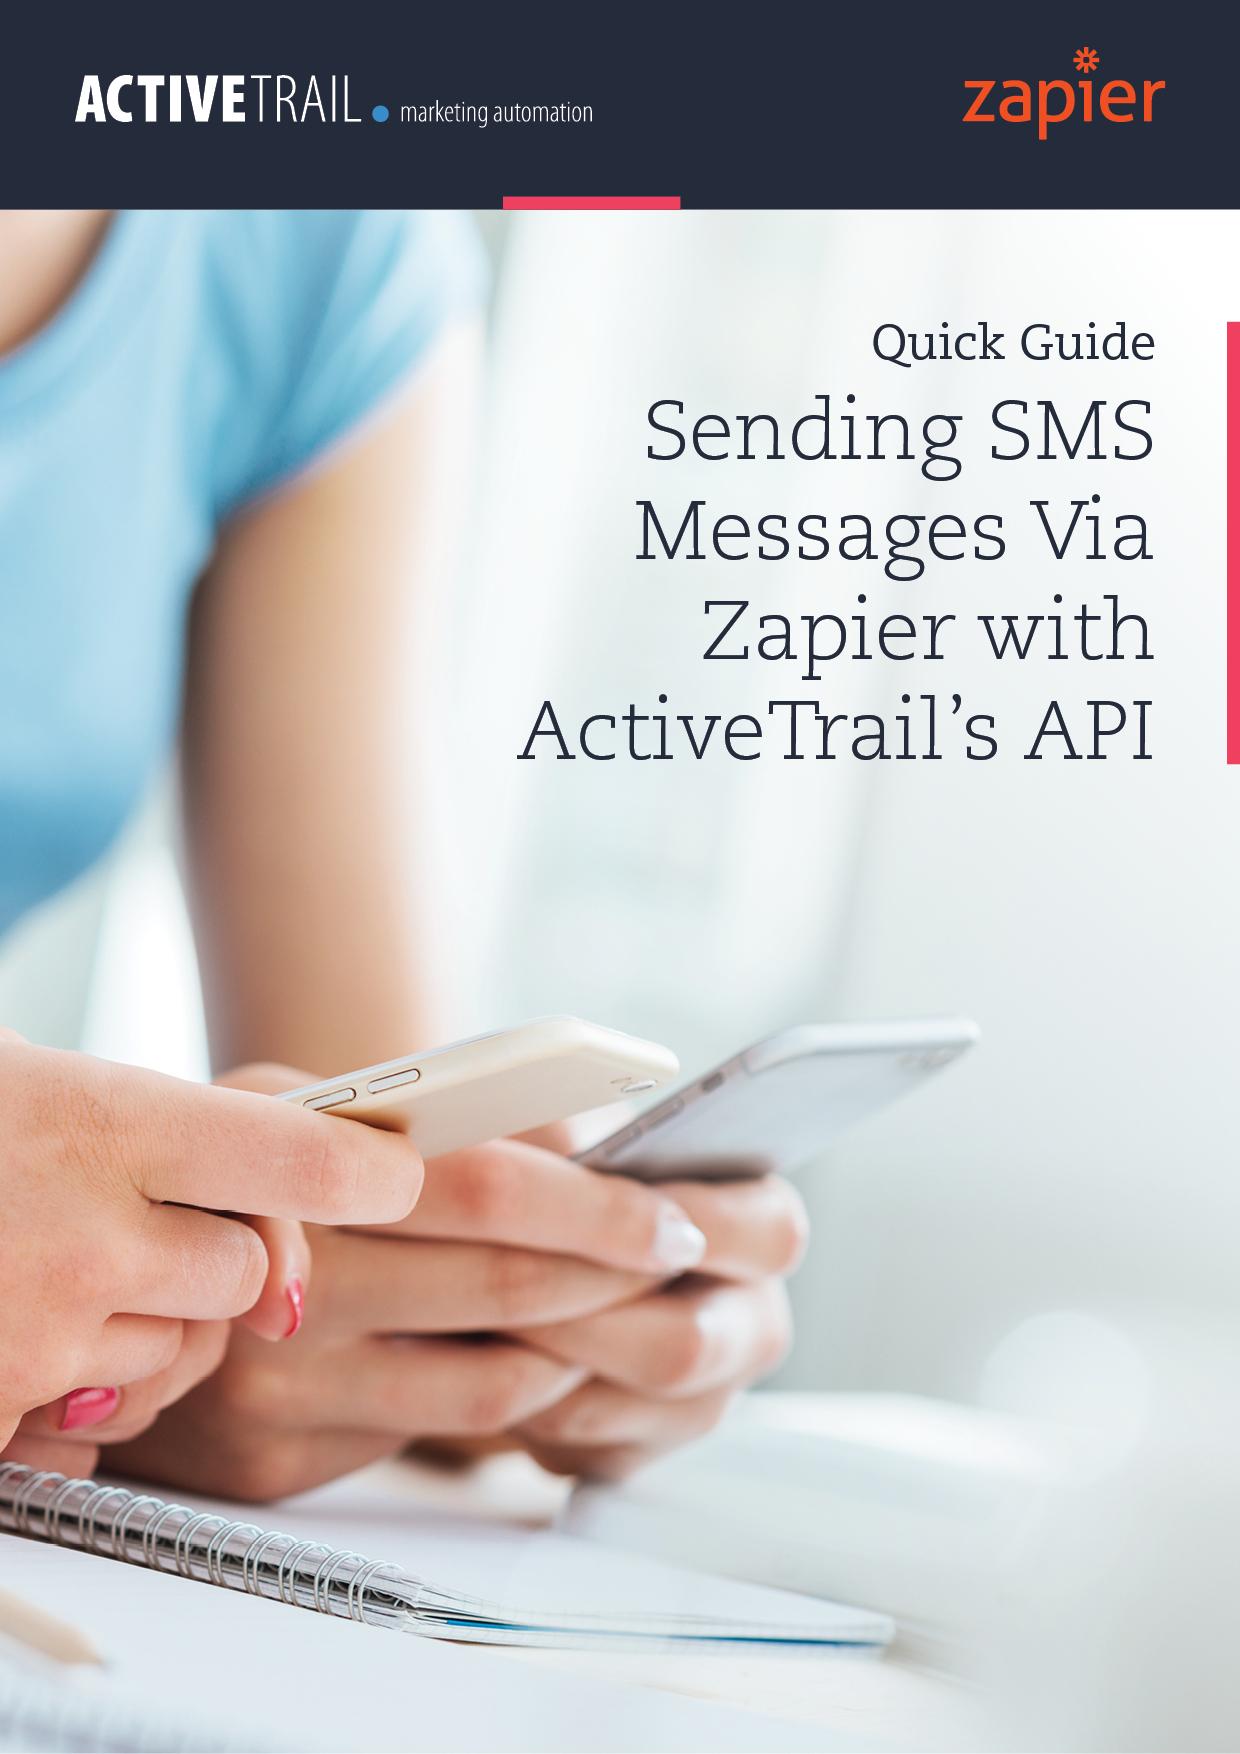 Guía rápida – Envío de Mensajes SMS a través de Zapier con la API de ActiveTrail